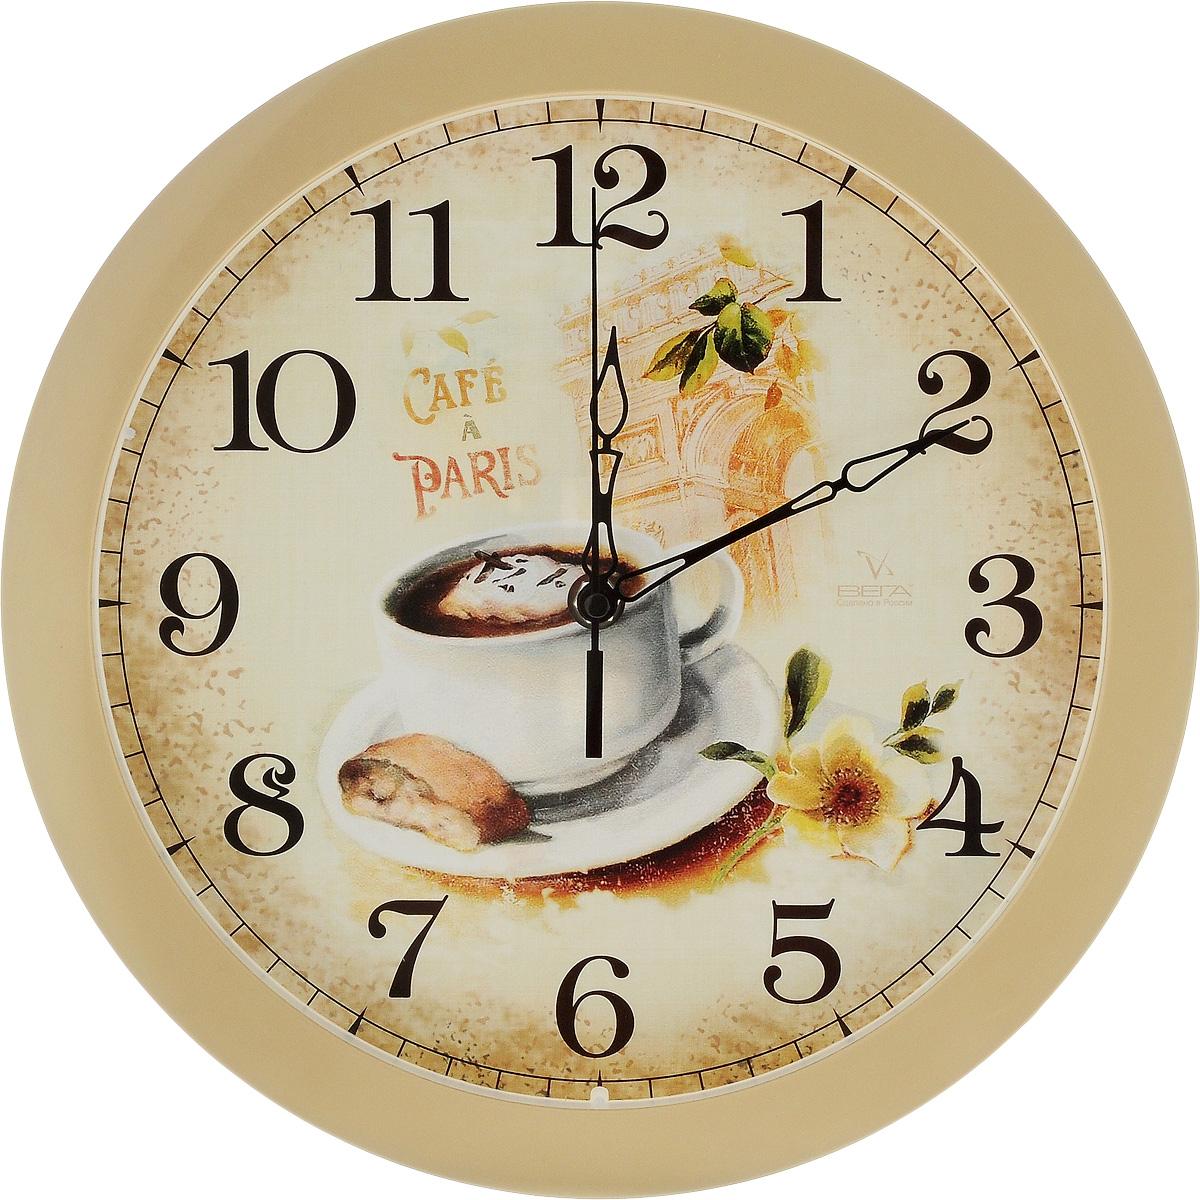 Часы настенные Вега Французский завтрак, диаметр 28,5 смП1-14/7-220Настенные кварцевые часы Вега Французский завтрак, изготовленные из пластика, прекрасно впишутся в интерьер вашего дома. Часы имеют три стрелки: часовую, минутную и секундную, циферблат защищен прозрачным стеклом. Часы работают от 1 батарейки типа АА напряжением 1,5 В (не входит в комплект). Диаметр часов: 28,5 см.